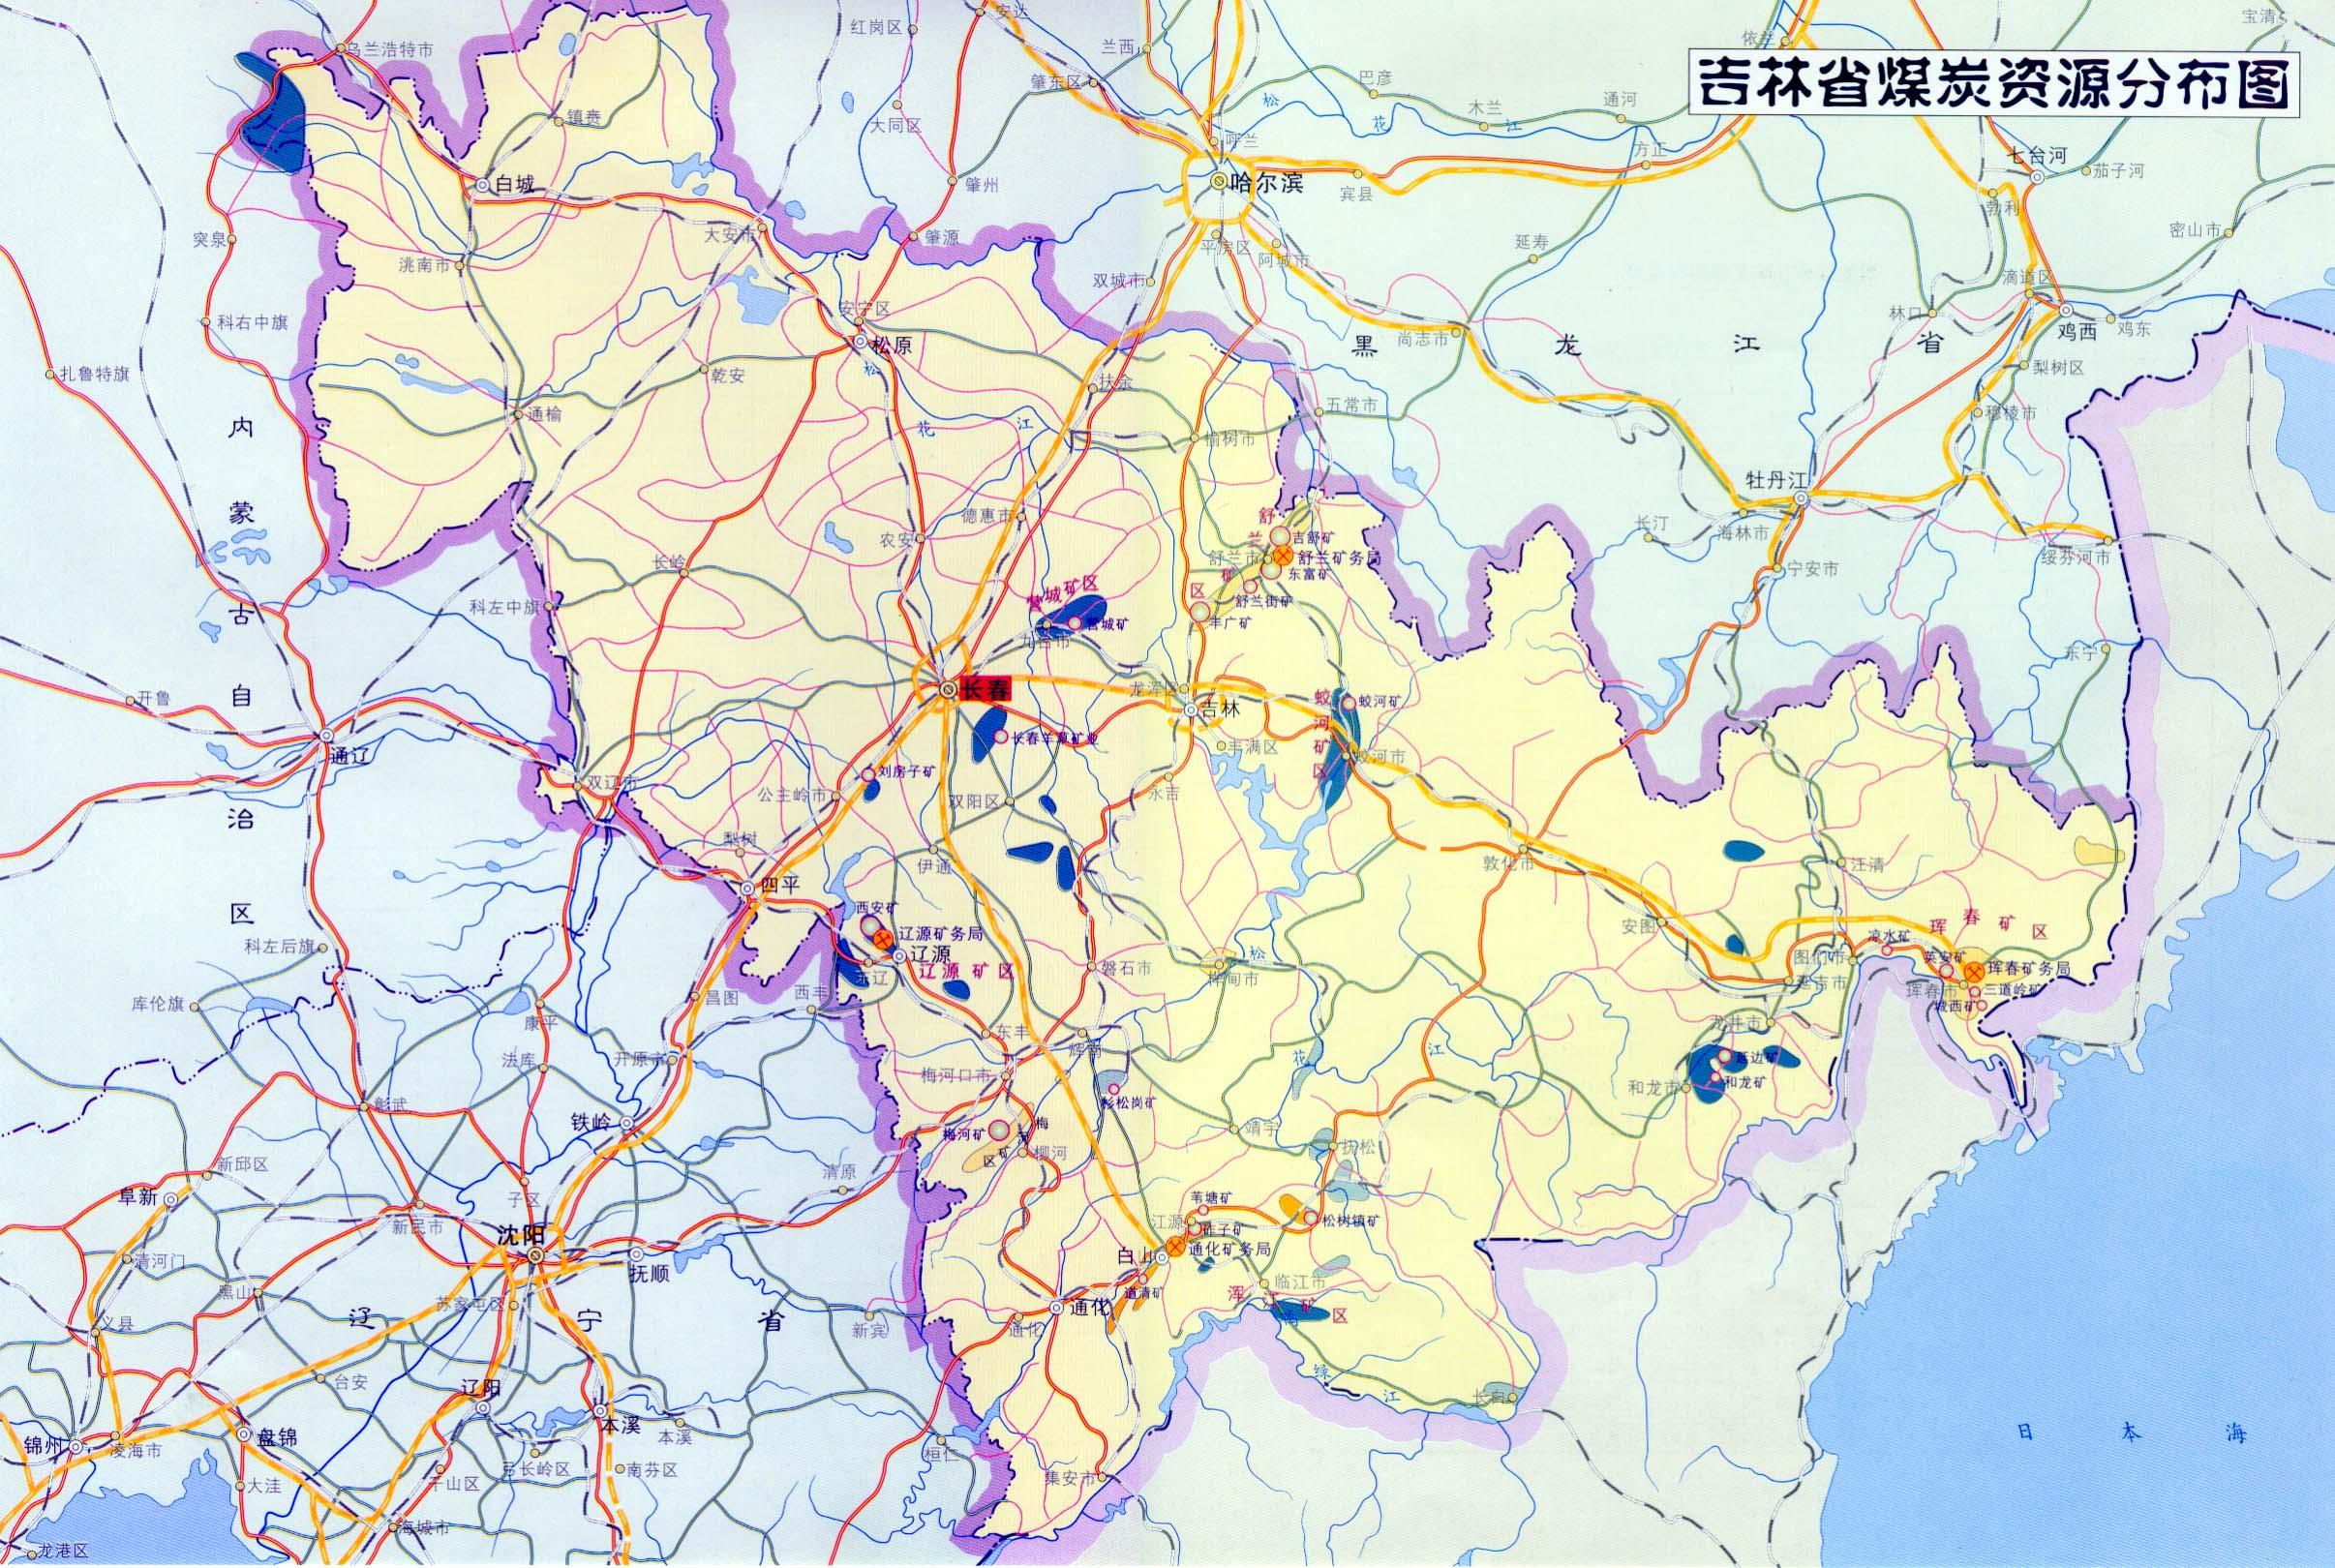 吉林省榆树市城市地图